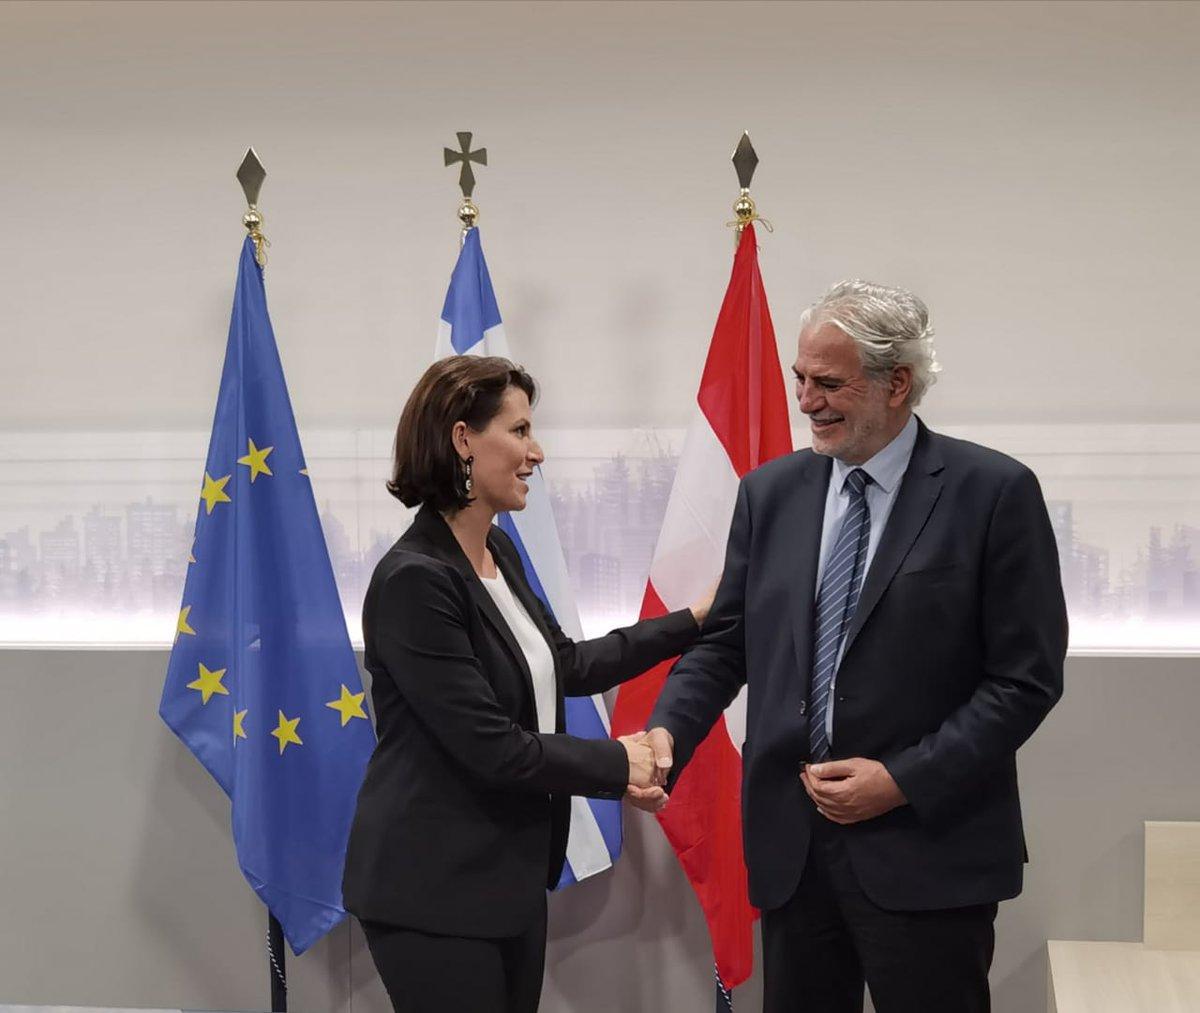 🇬🇷🤝🇦🇹 Συνάντηση Υπ. Κλιματικής Κρίσης & Πολιτικής Προστασίας @StylianidesEU & Υφυπ. Ευ. Τουρνά με Υπουργό Ευρωπαϊκών & Συνταγματικών Υποθέσεων Αυστρίας @k_edtstadler Η ενίσχυση της συνεργασίας σε διμερές & 🇪🇺 επίπεδο #rescEU στο επίκεντρο 🔗bit.ly/2ZZao3E